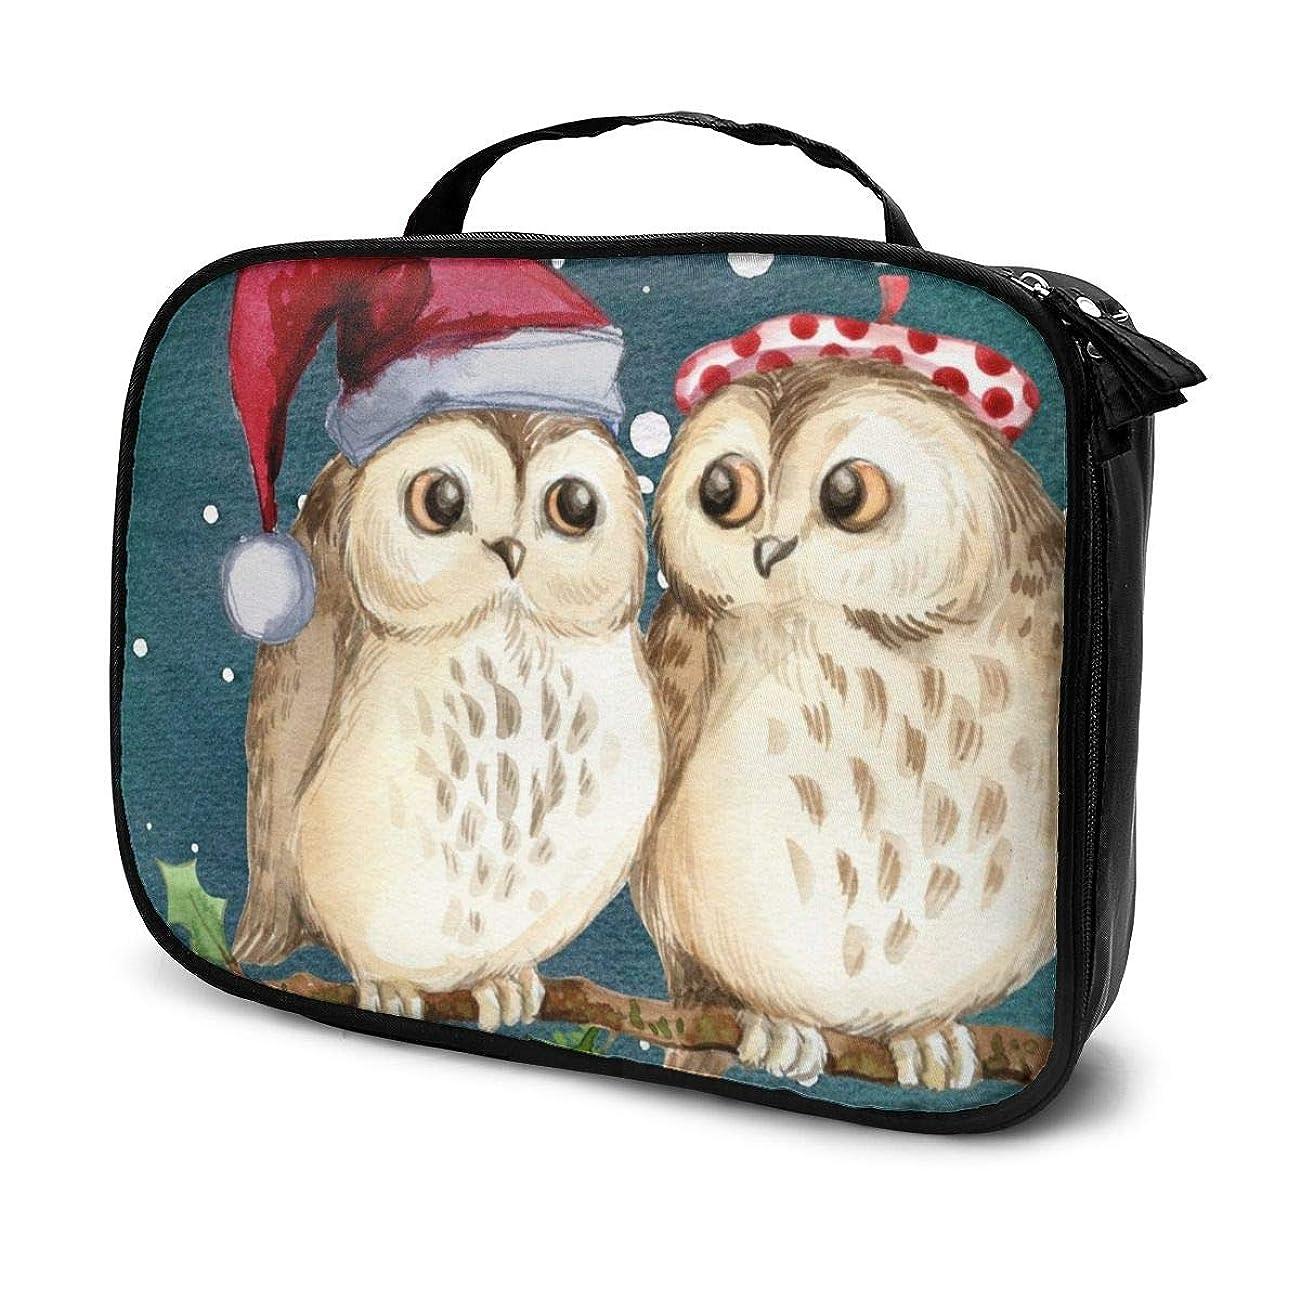 要求するホットボート化粧品収納バッグ メリークリスマス フクロウ 収納ポーチ 収納袋 化粧ポーチ 旅行の収納 粧品袋 ウォッシュバッグ 多機能 旅行用品 おしゃれな 男女兼用